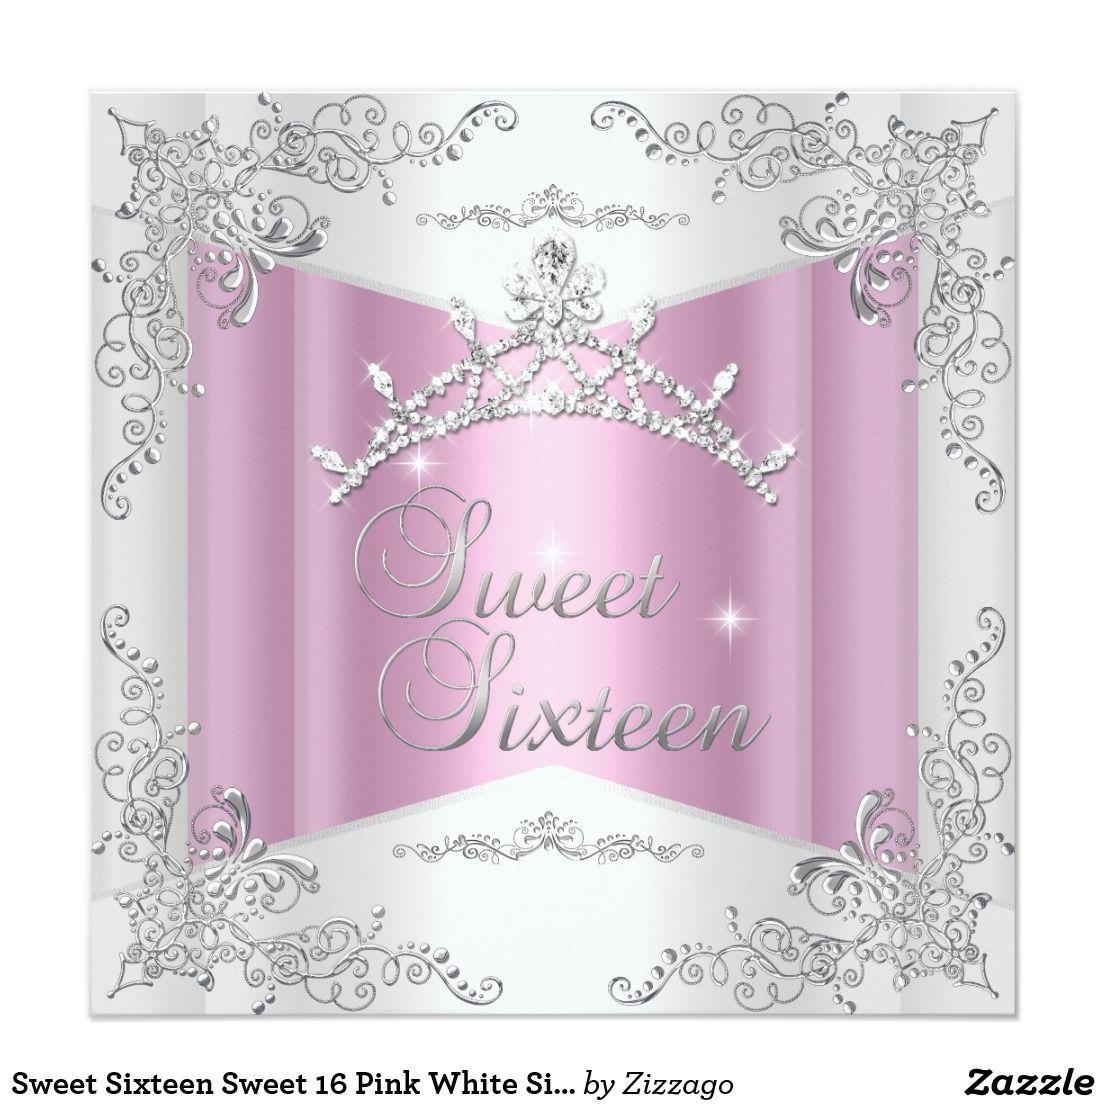 Sweet Sixteen Sweet 16 Pink White Silver Tiara Invitation ...